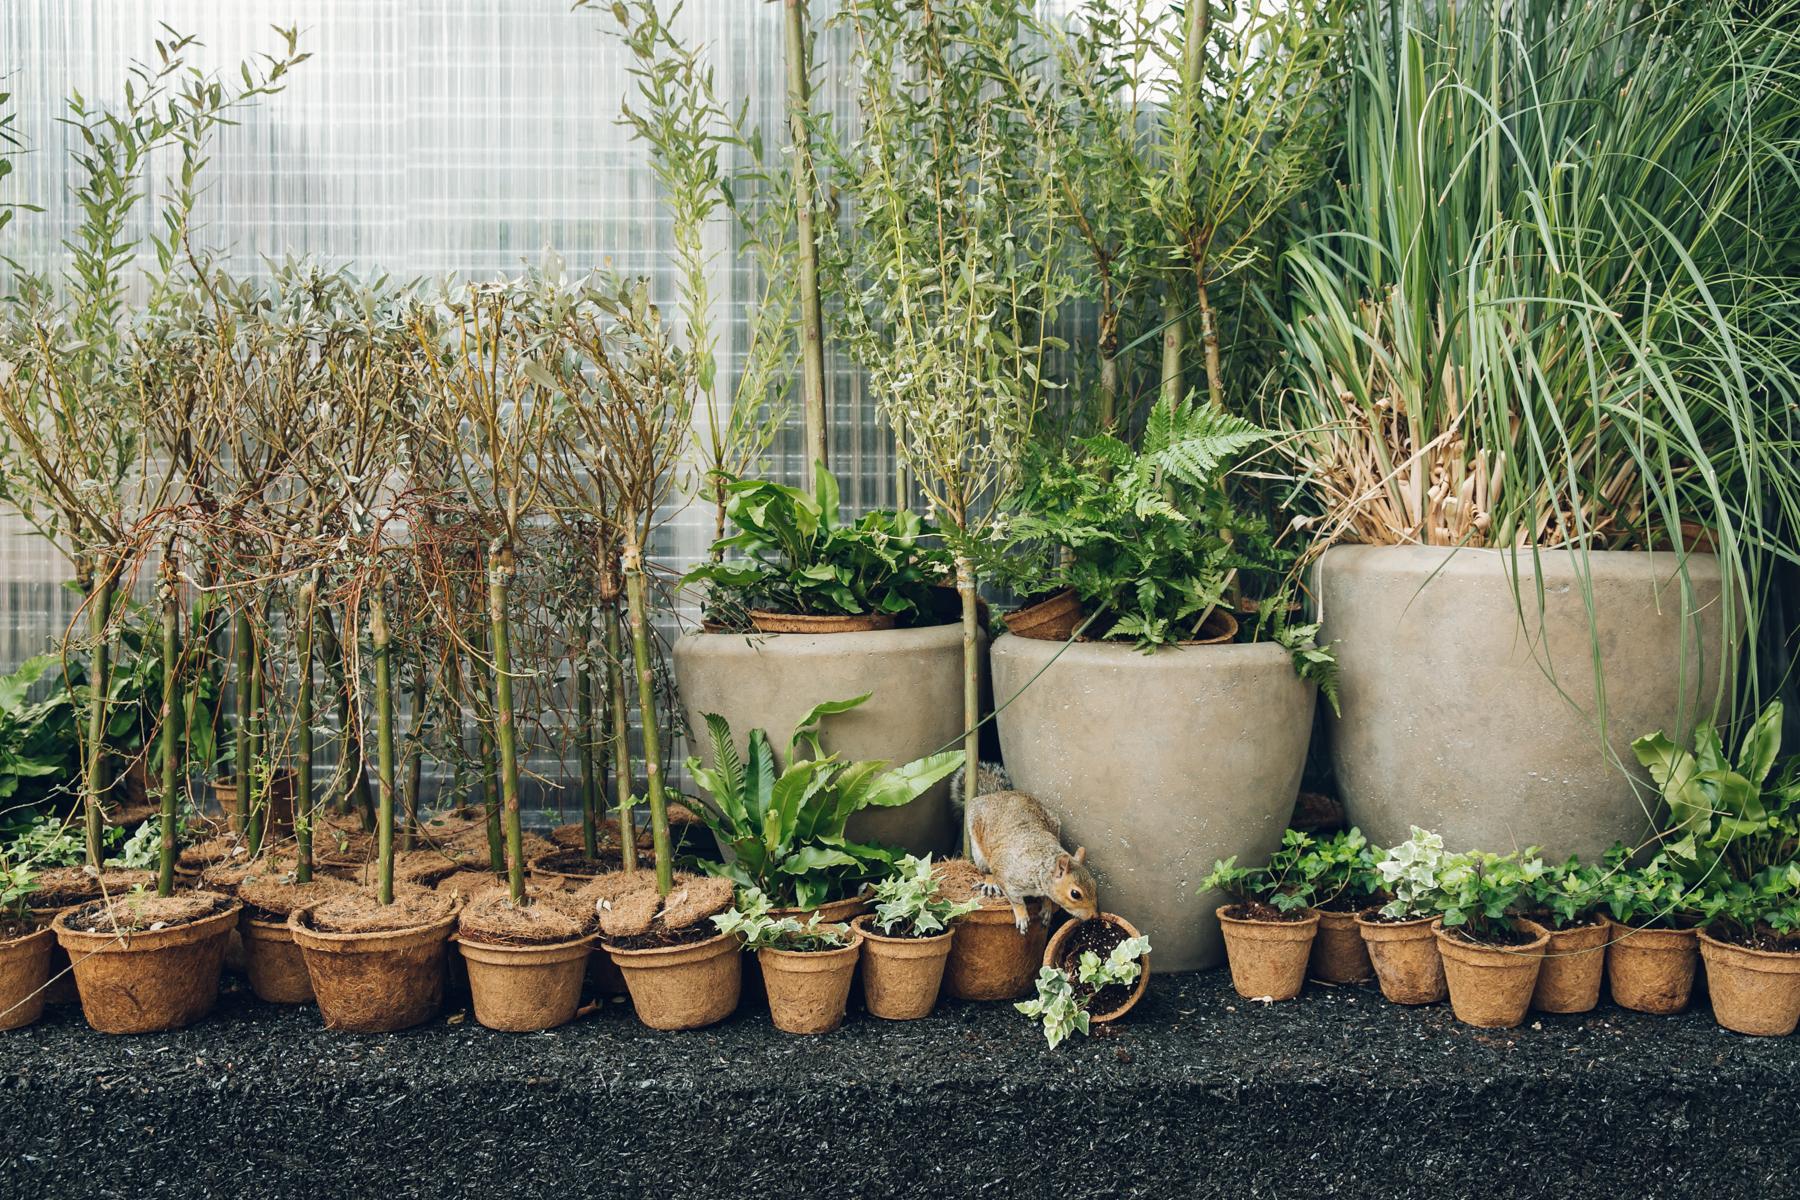 Squirrel amongst plant pots